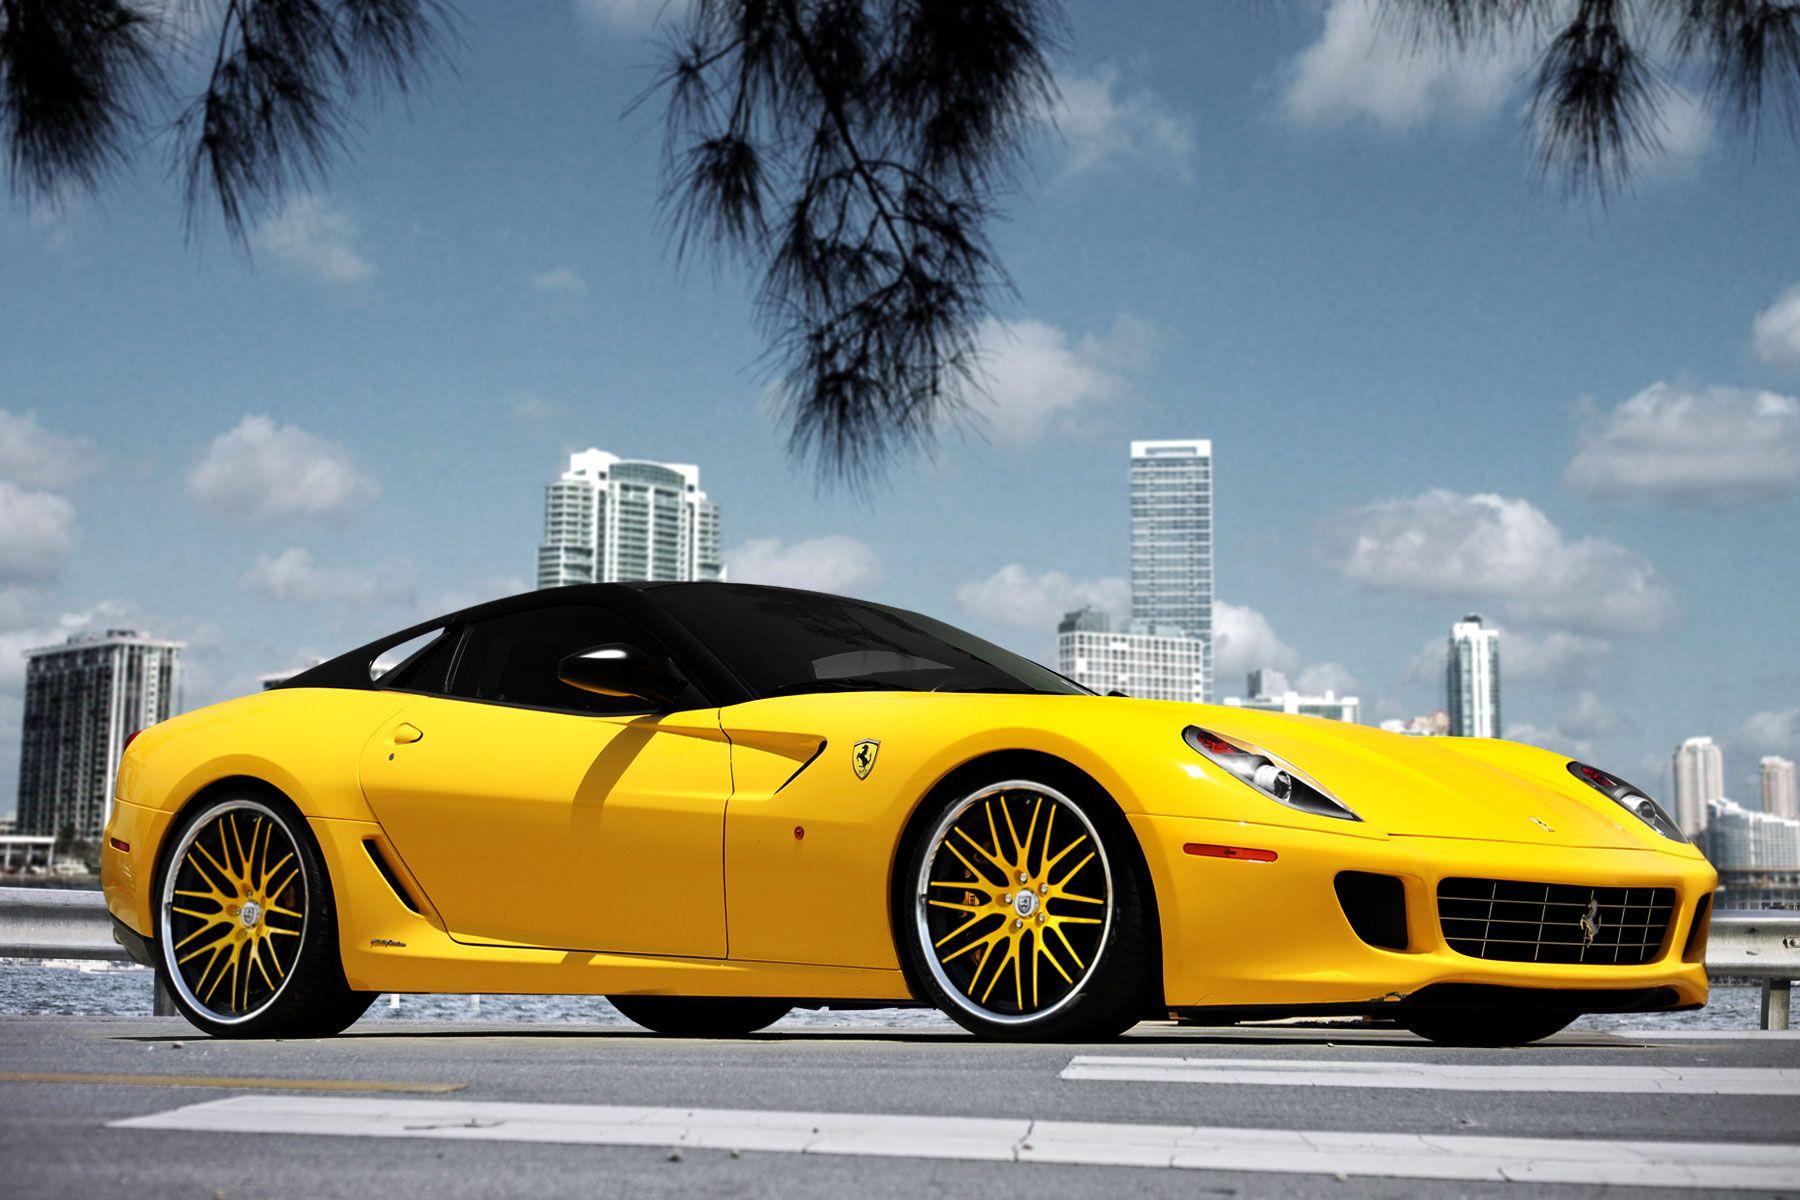 Hot Yellow & Black Ferrari Ferrari 599, Ferrari, Luxury cars